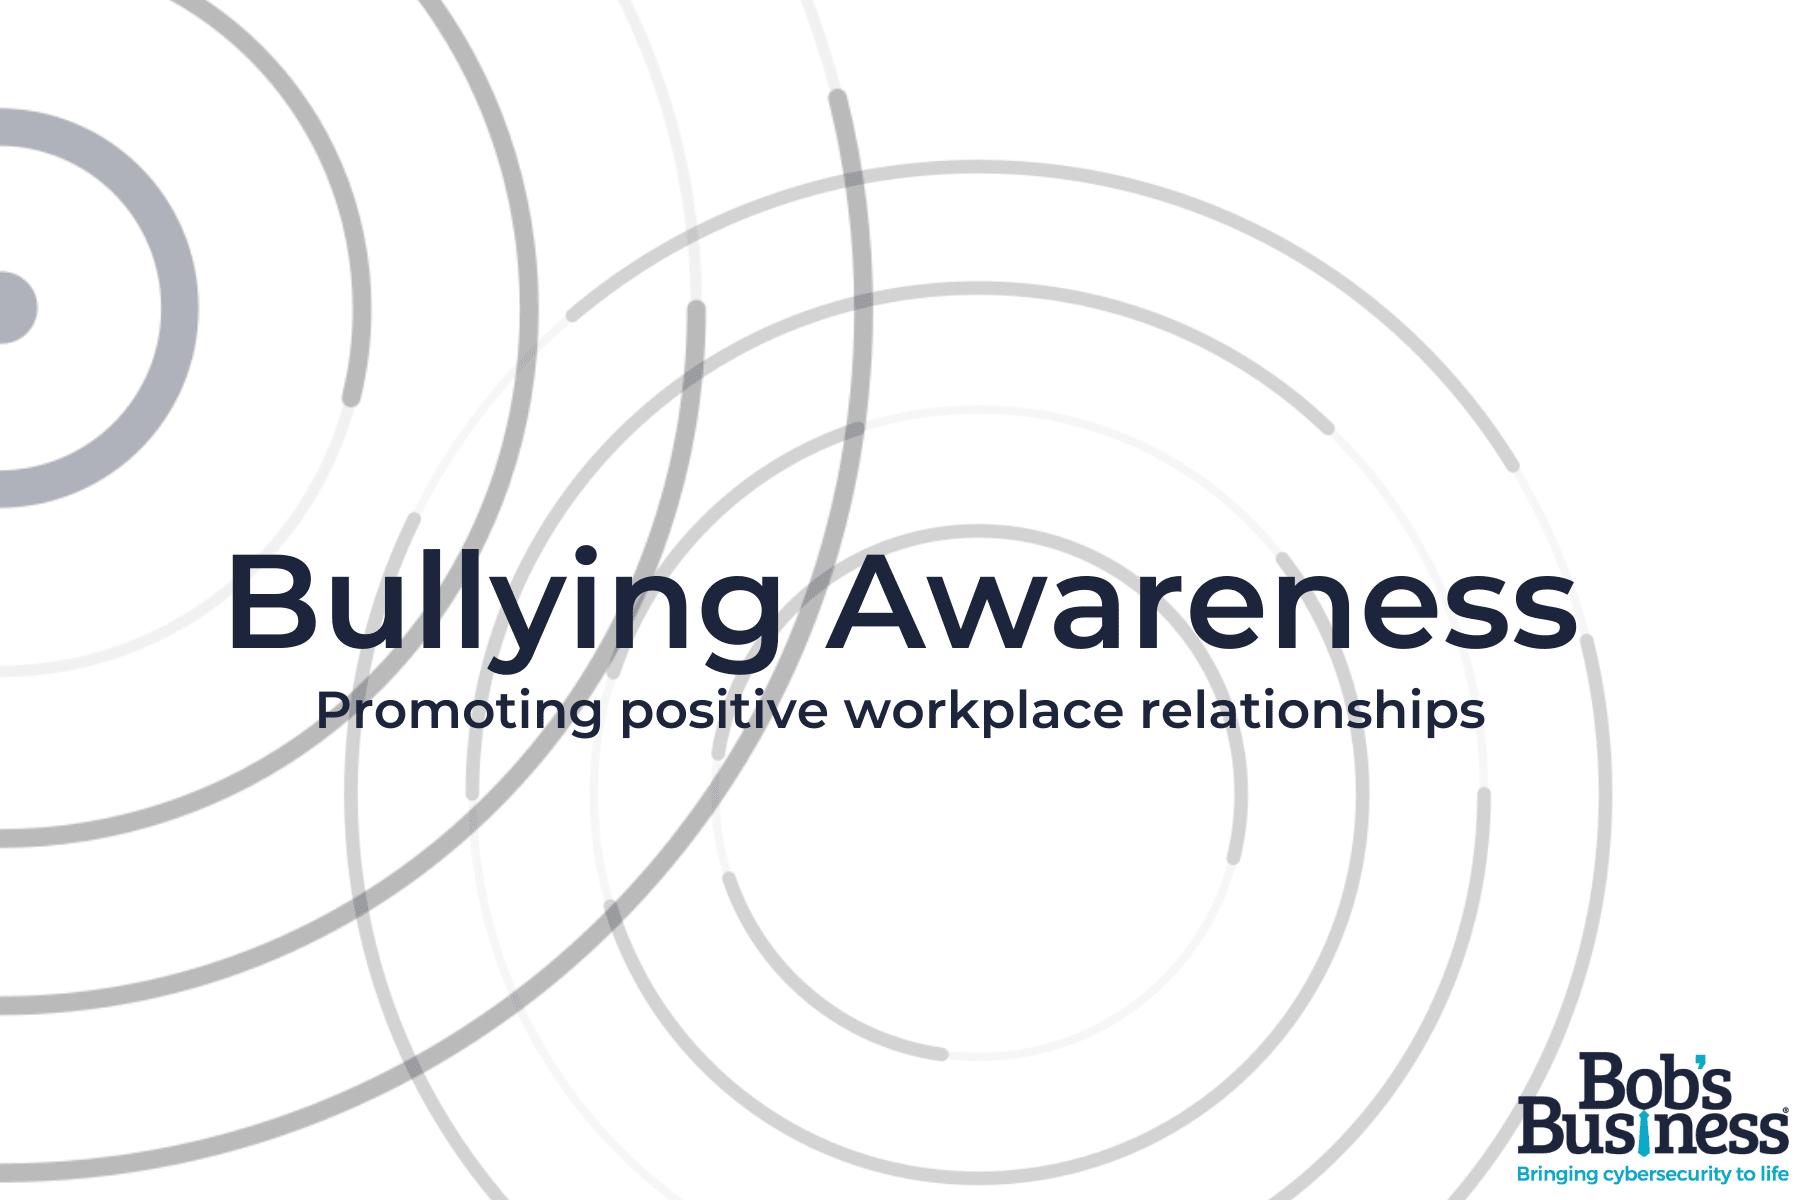 Bullying Awareness